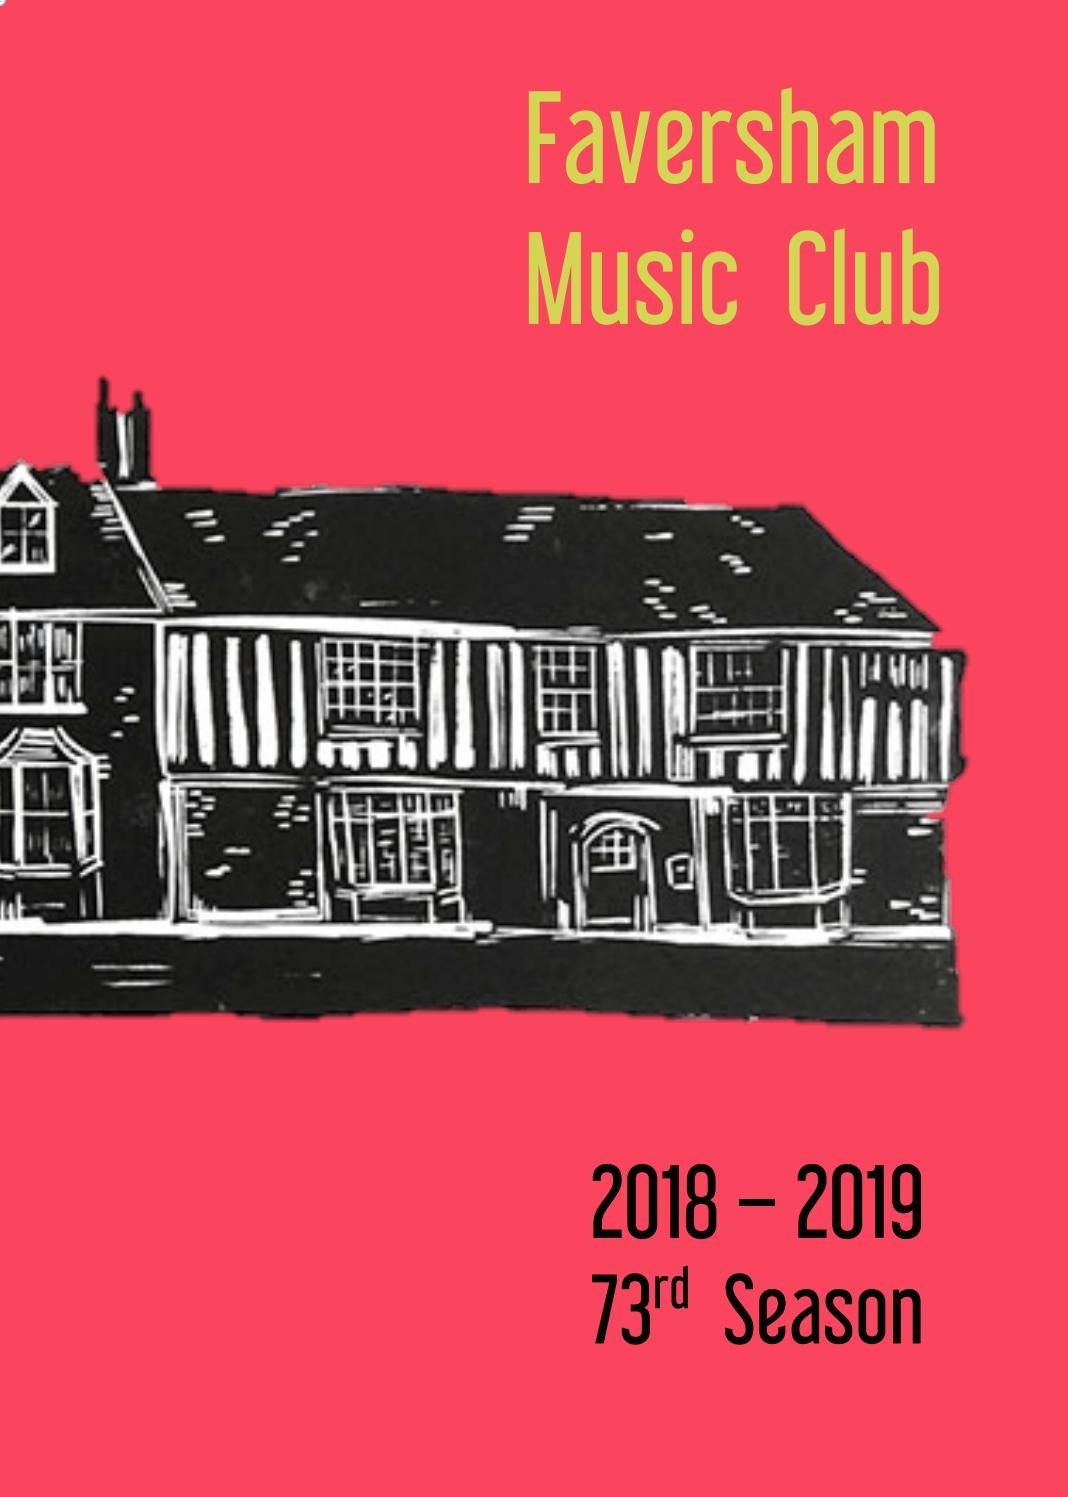 Faversham Music Club Season 2018/19 by faversham music club